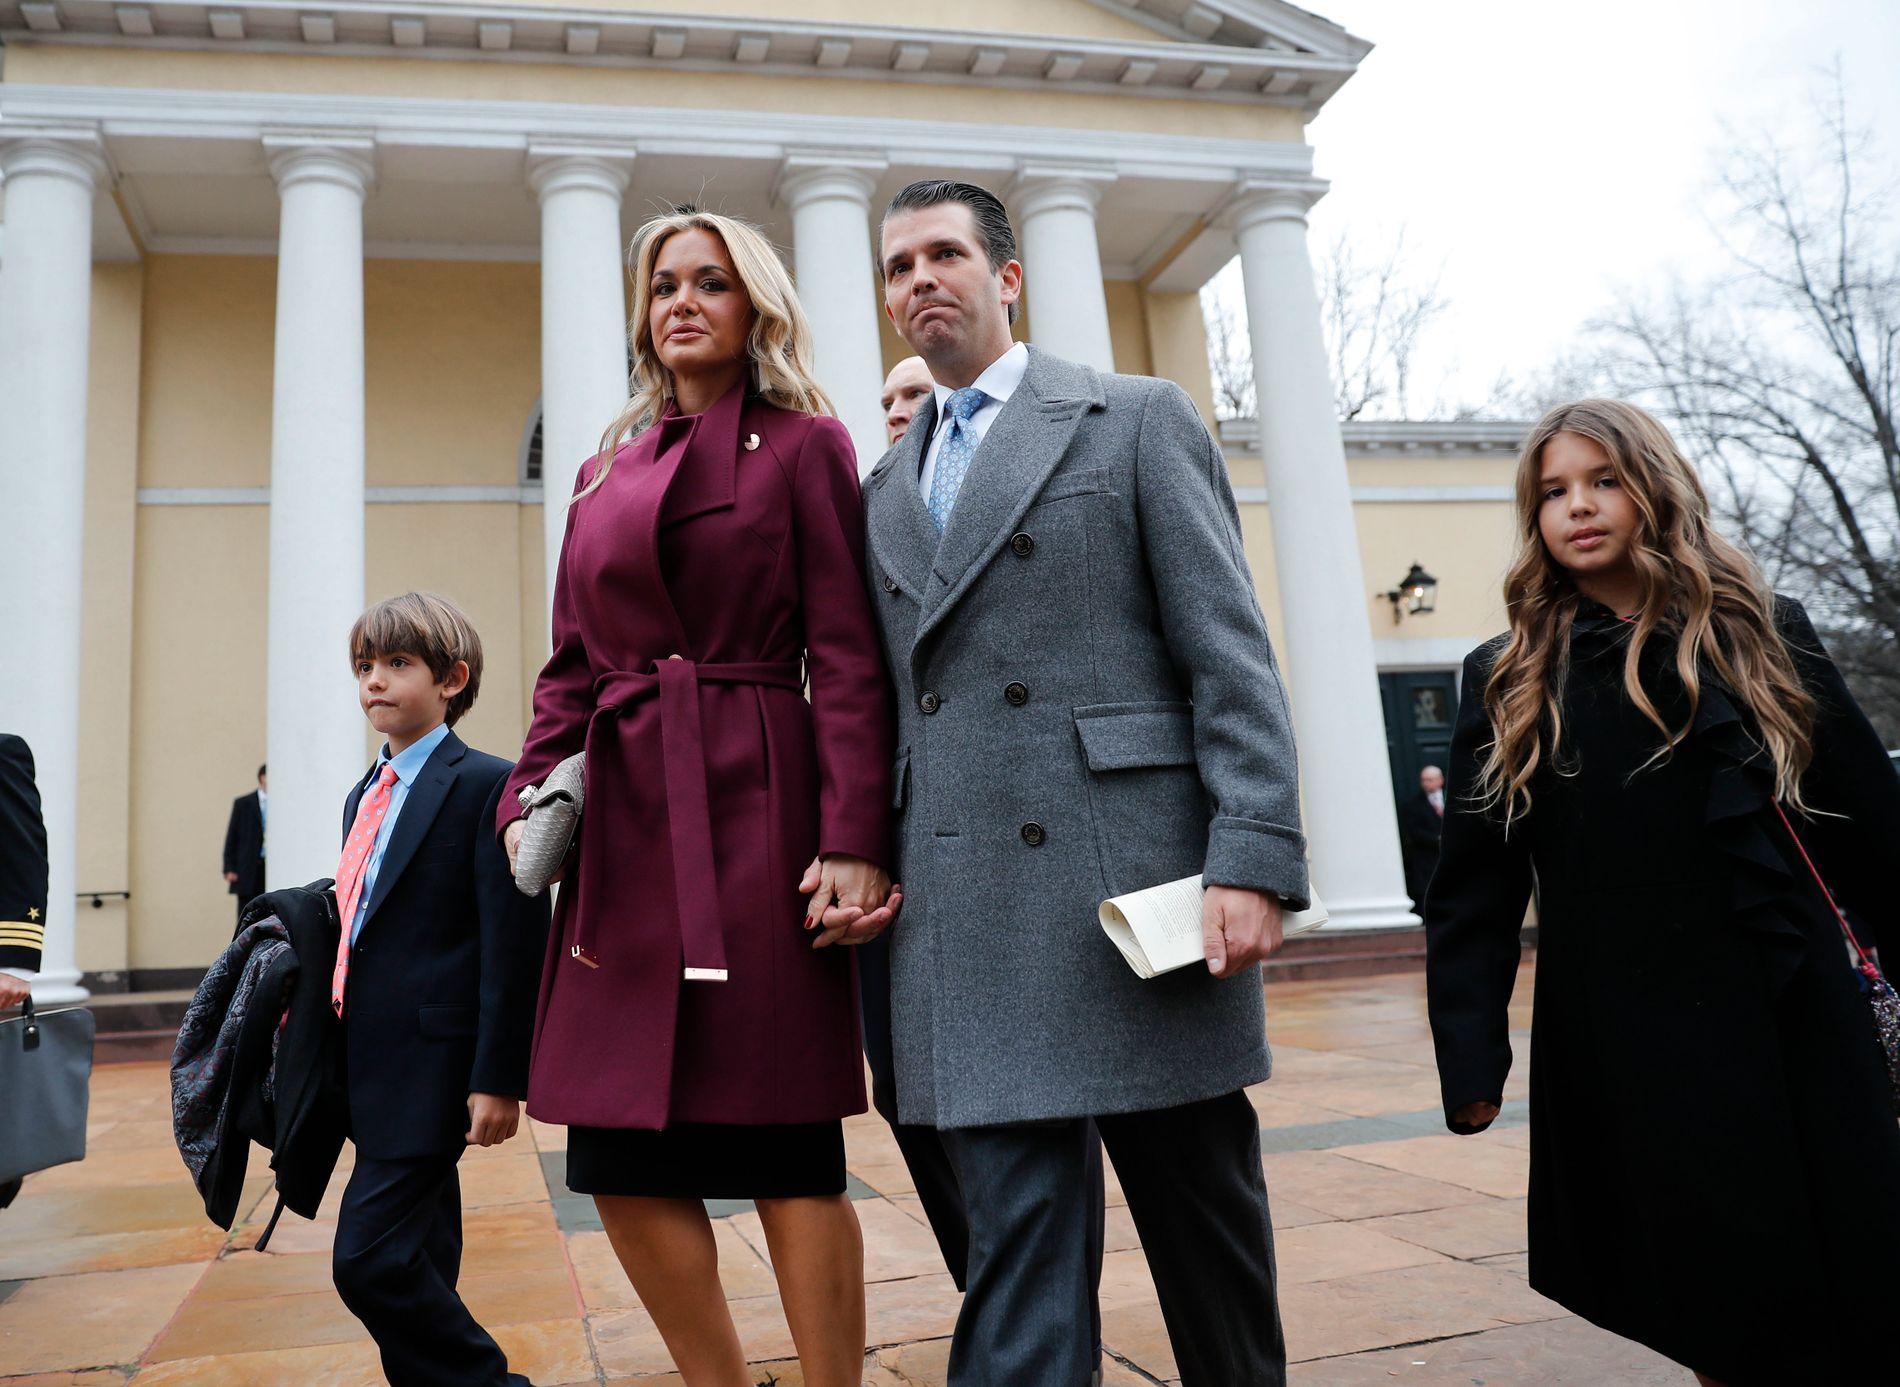 Vanessa Trump og Donald Trump jr. fotografert utenfor en kirke i Washington i januar i fjor.